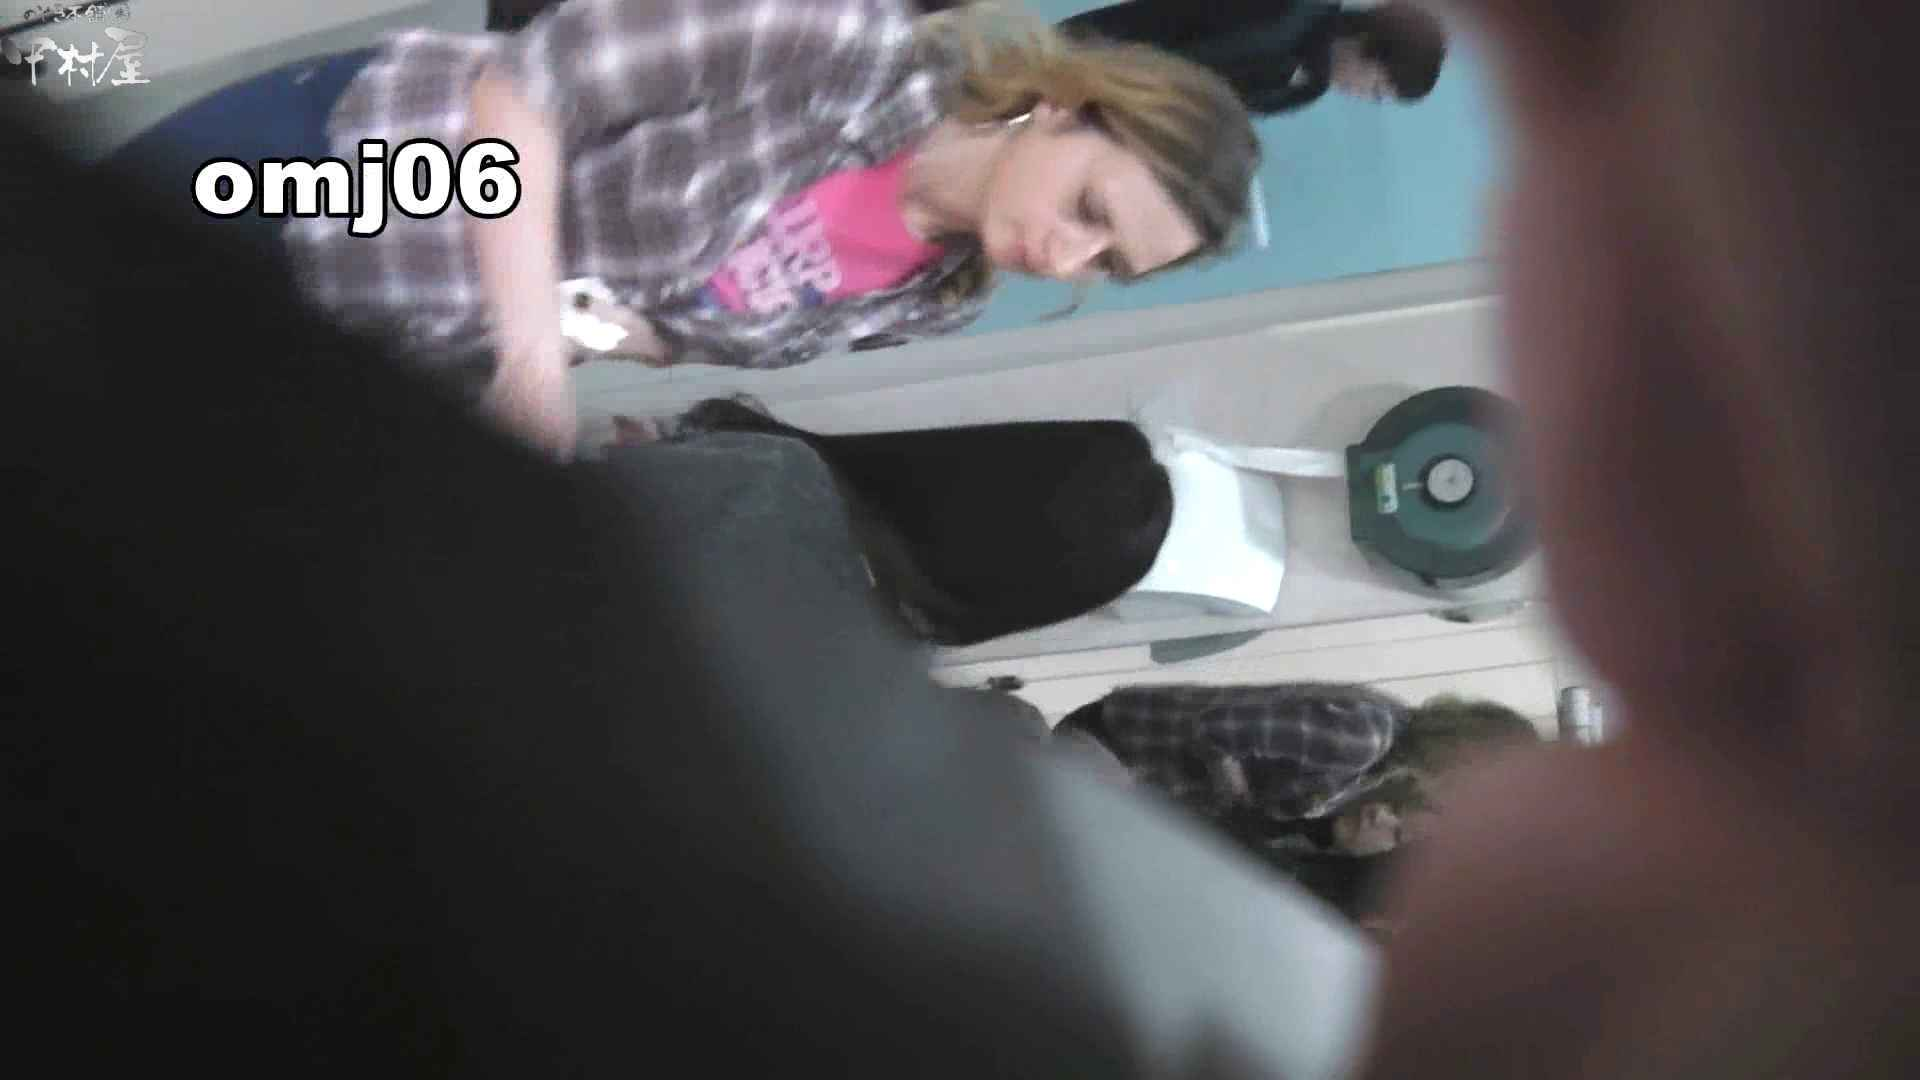 お市さんの「お尻丸出しジャンボリー」No.06 女子トイレ 盗撮われめAV動画紹介 49画像 31